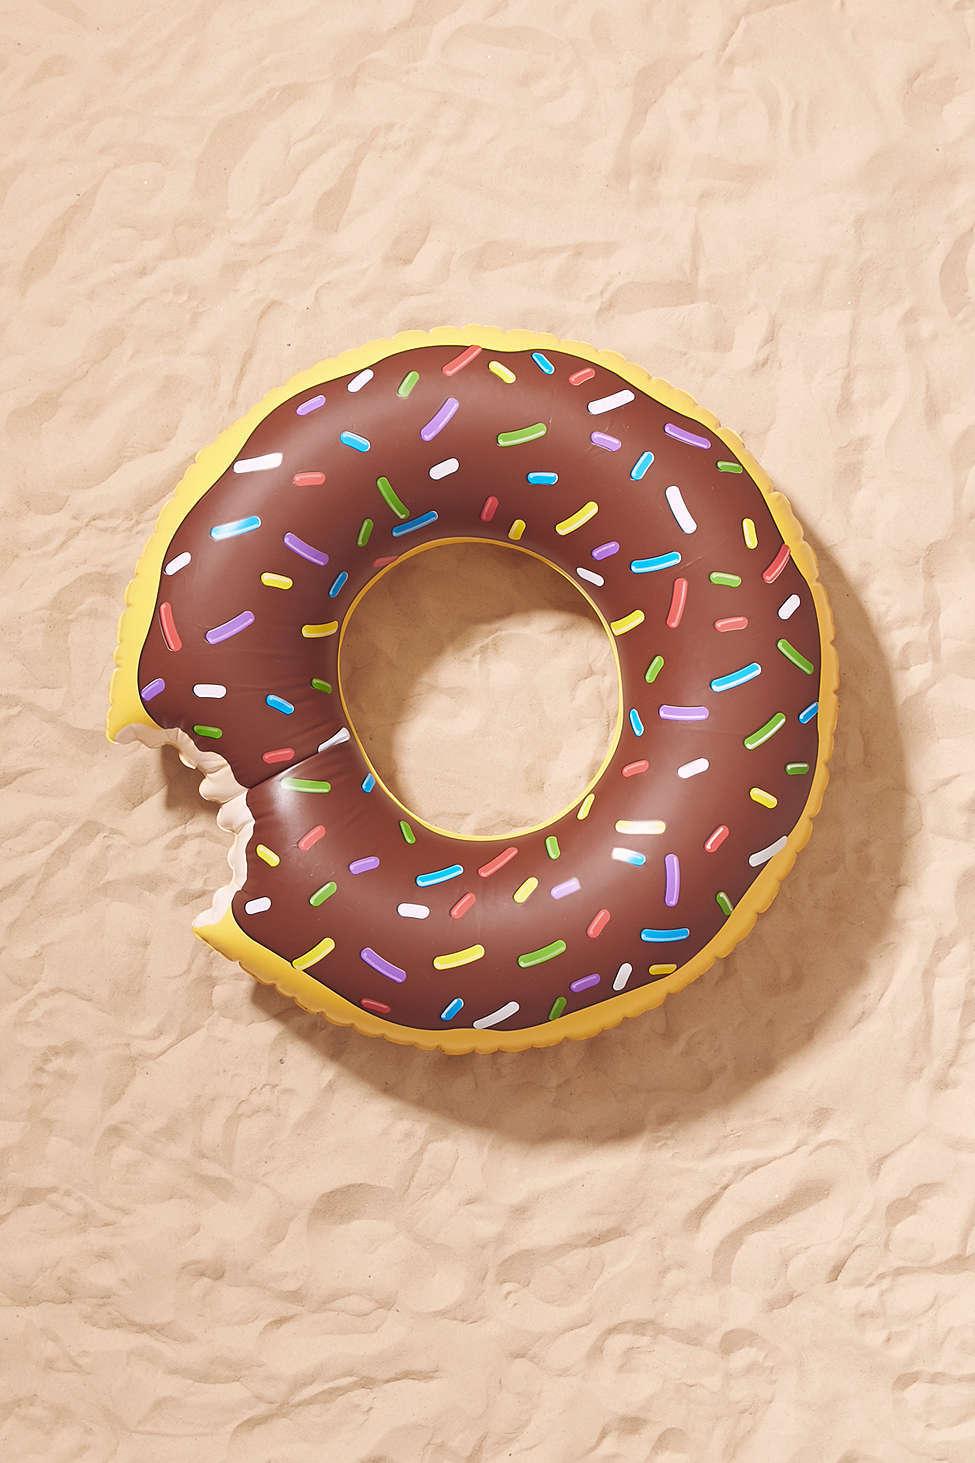 ぷかぷか浮き輪ドーナツ /チョコレート